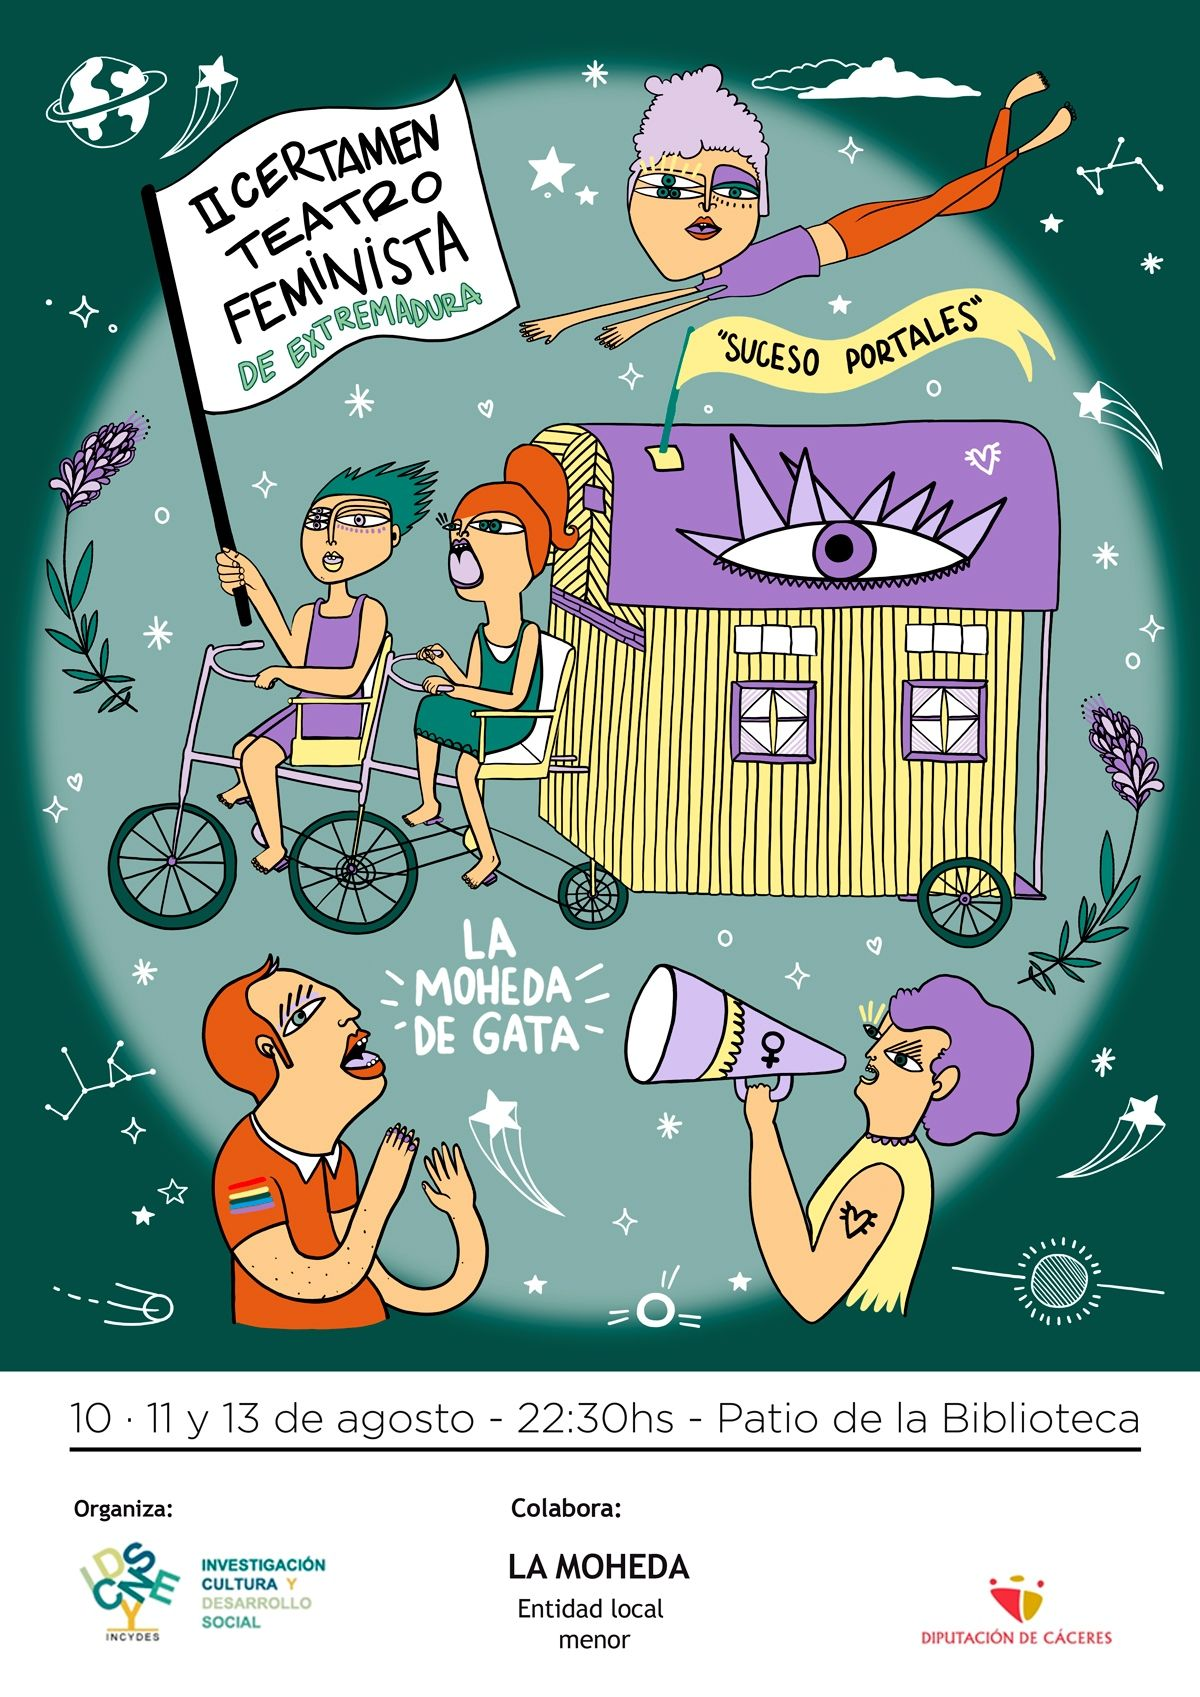 """II Certamen de Teatro Feminista """"Suceso Portales"""" en La Moheda de Gata"""